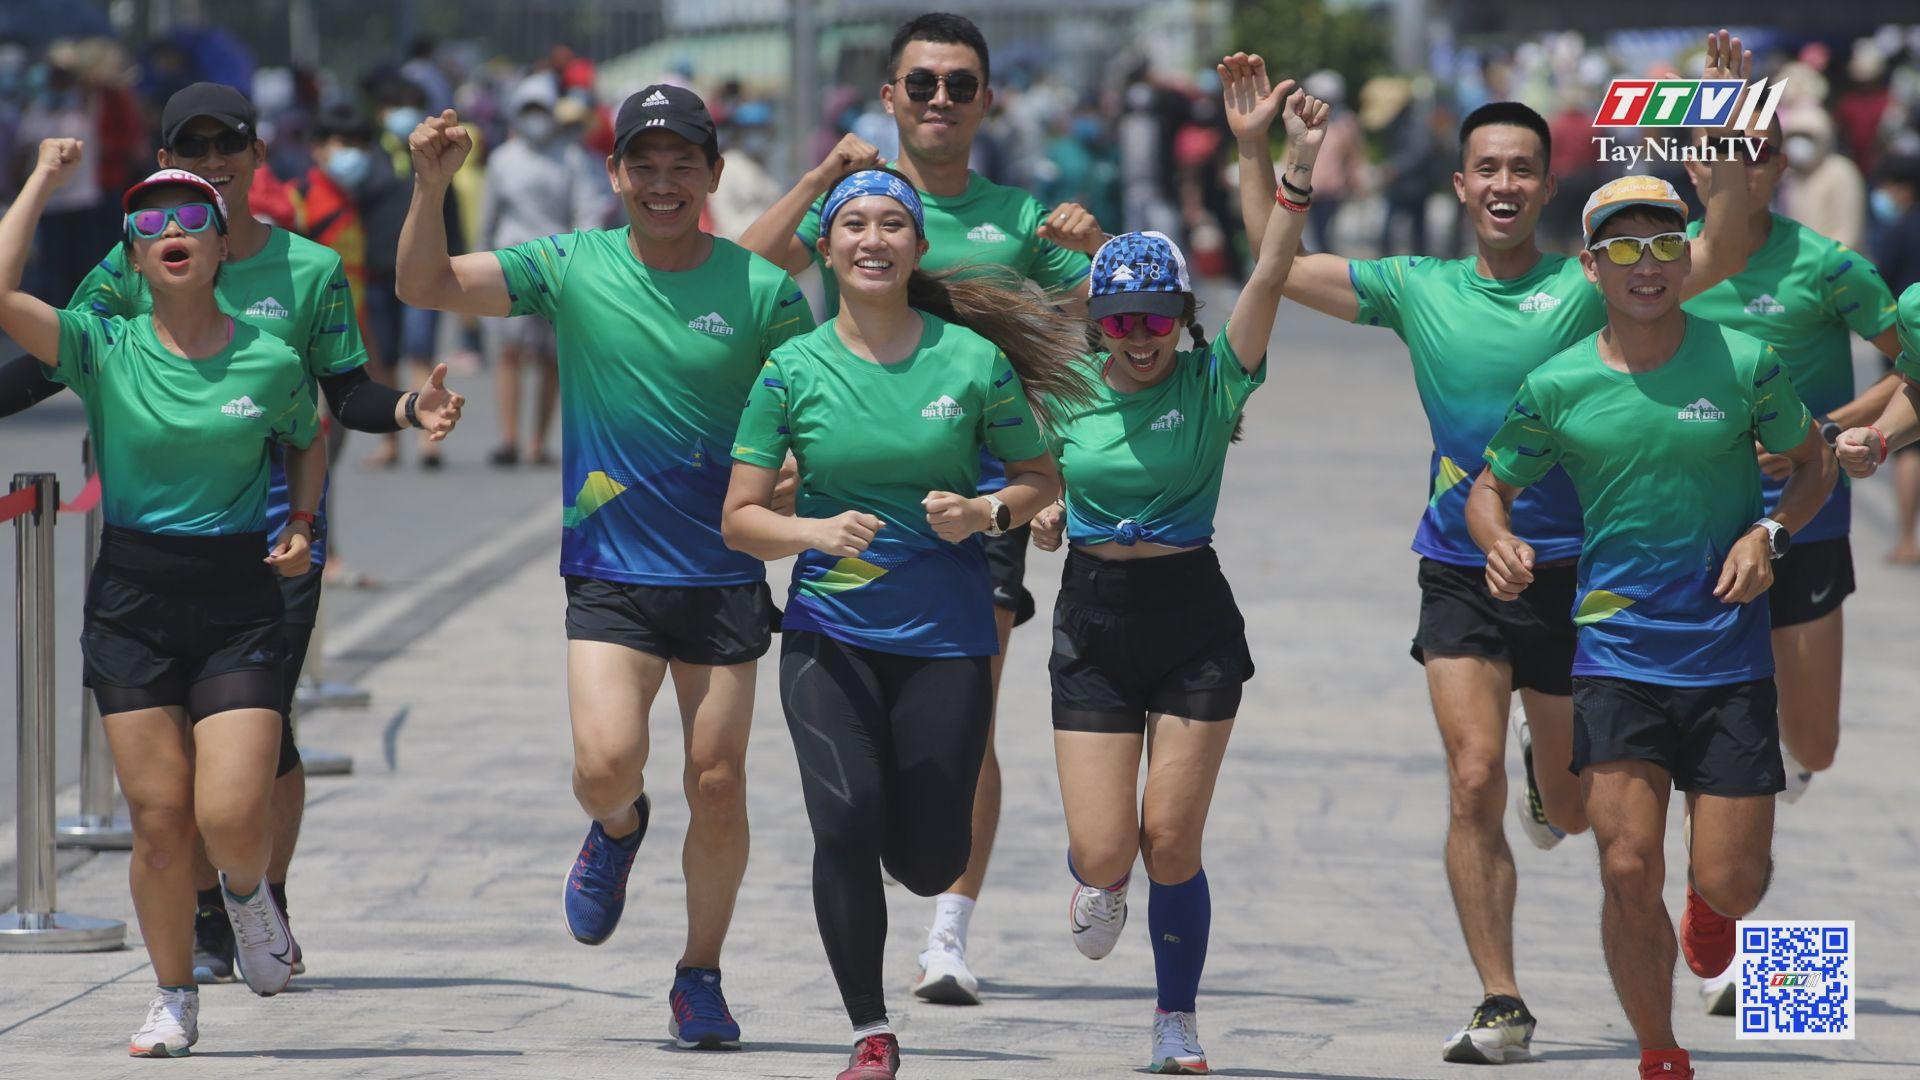 Gương mặt đại sứ tại giải BaDen Mountain Marathon 2021 | BADEN MOUNTAIN MARATHON 2021 | TayNinhTVE